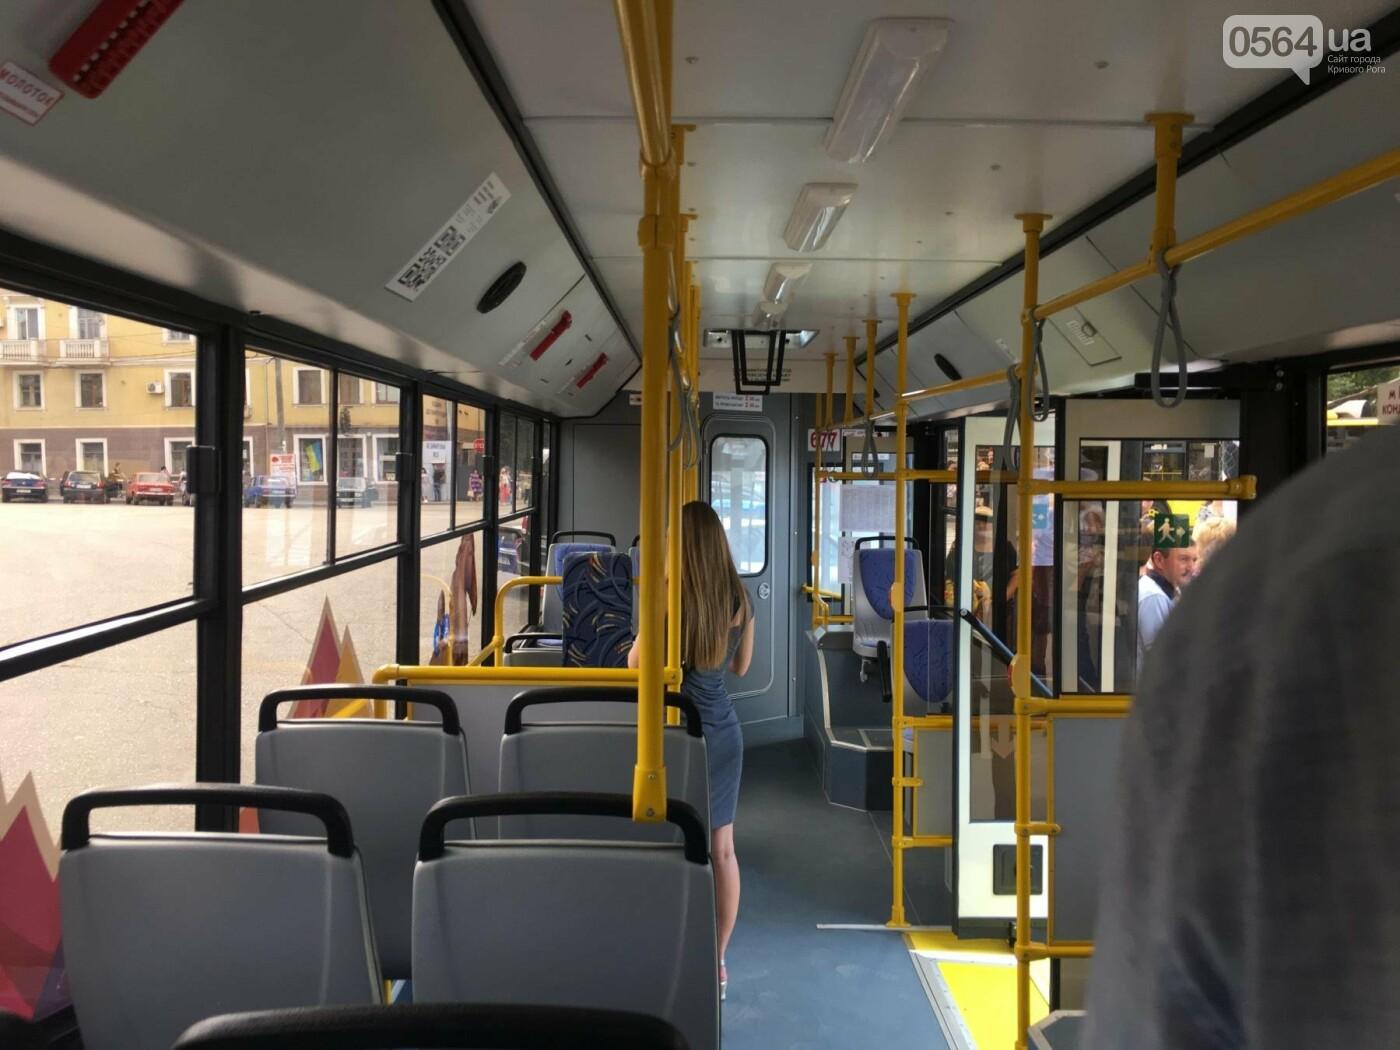 В Кривом Роге выпустили на линию новые троллейбусы и уже думают, как и сохранить их белыми и чистыми, - ФОТО, ВИДЕО, фото-25